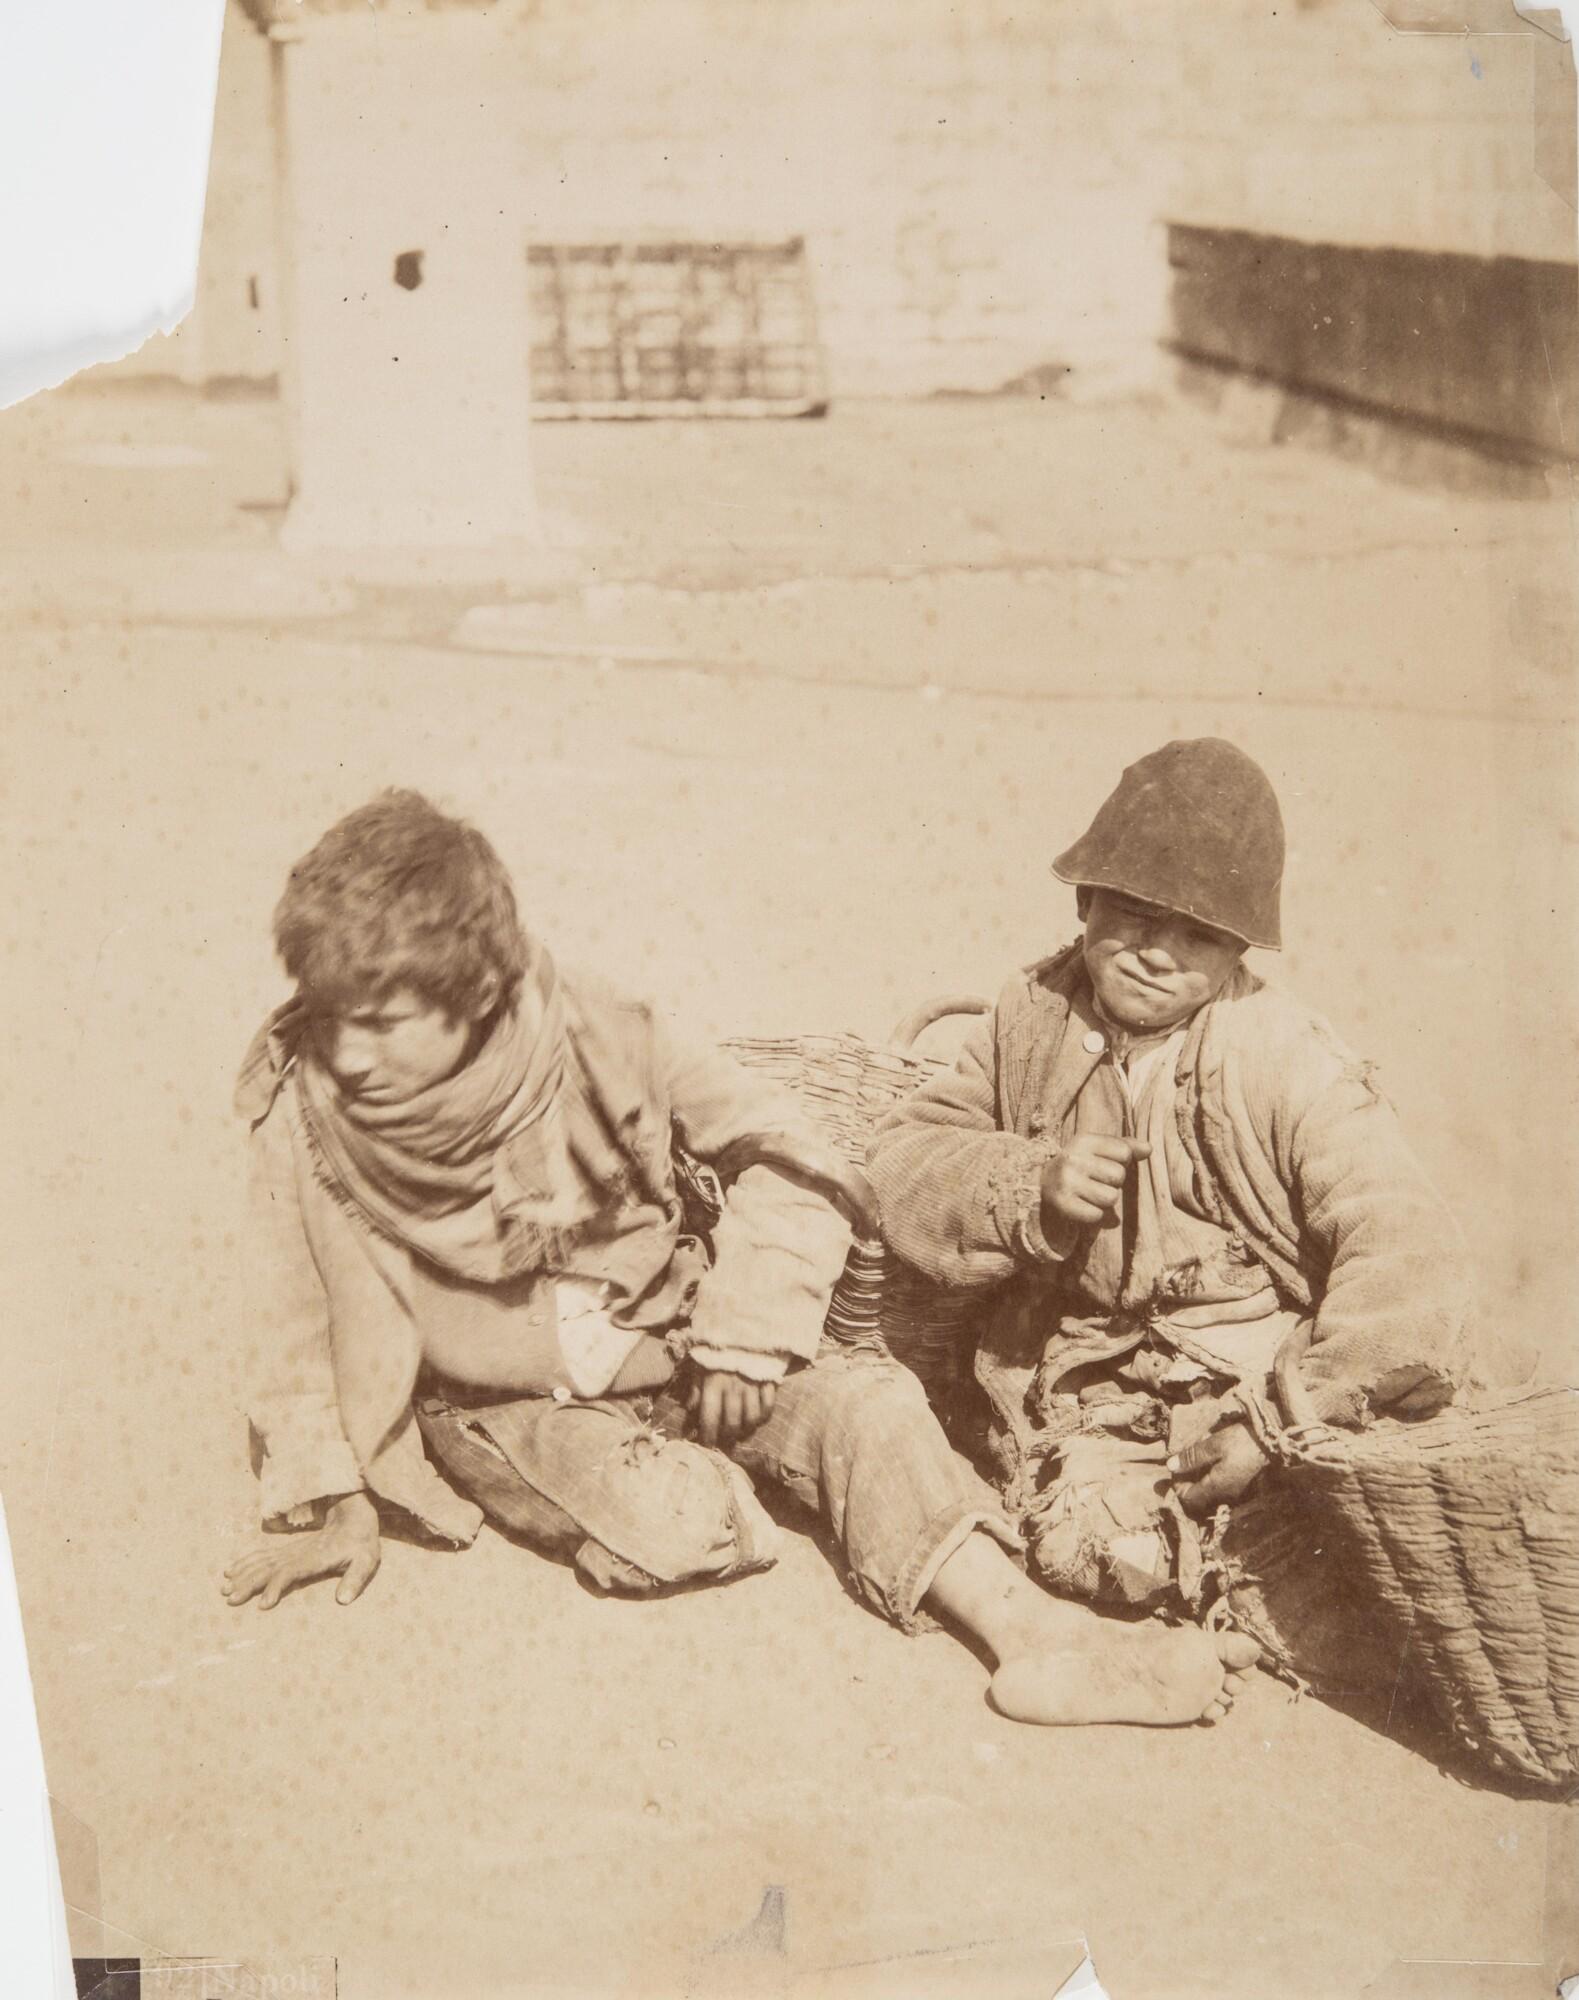 Джорджо Зоммер.    Уличные мальчишки, 1880   Альбуминовый отпечаток